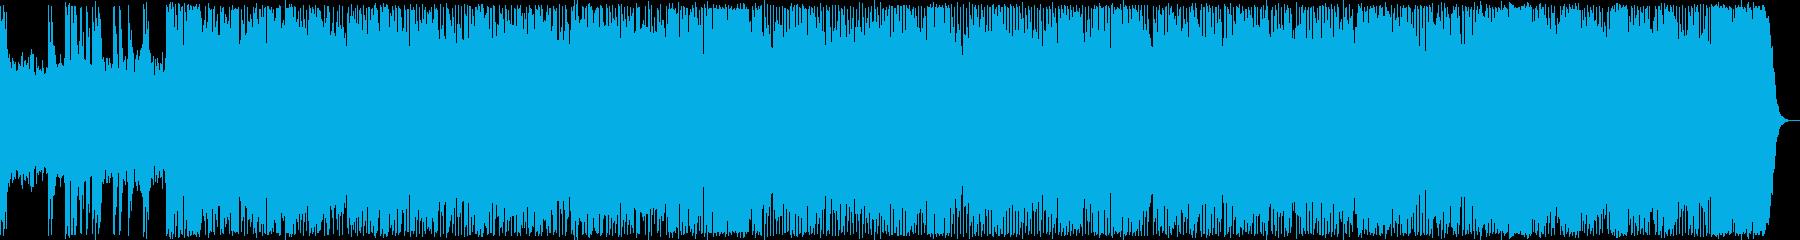 爽快、疾走感あるハードロック・メタルの再生済みの波形